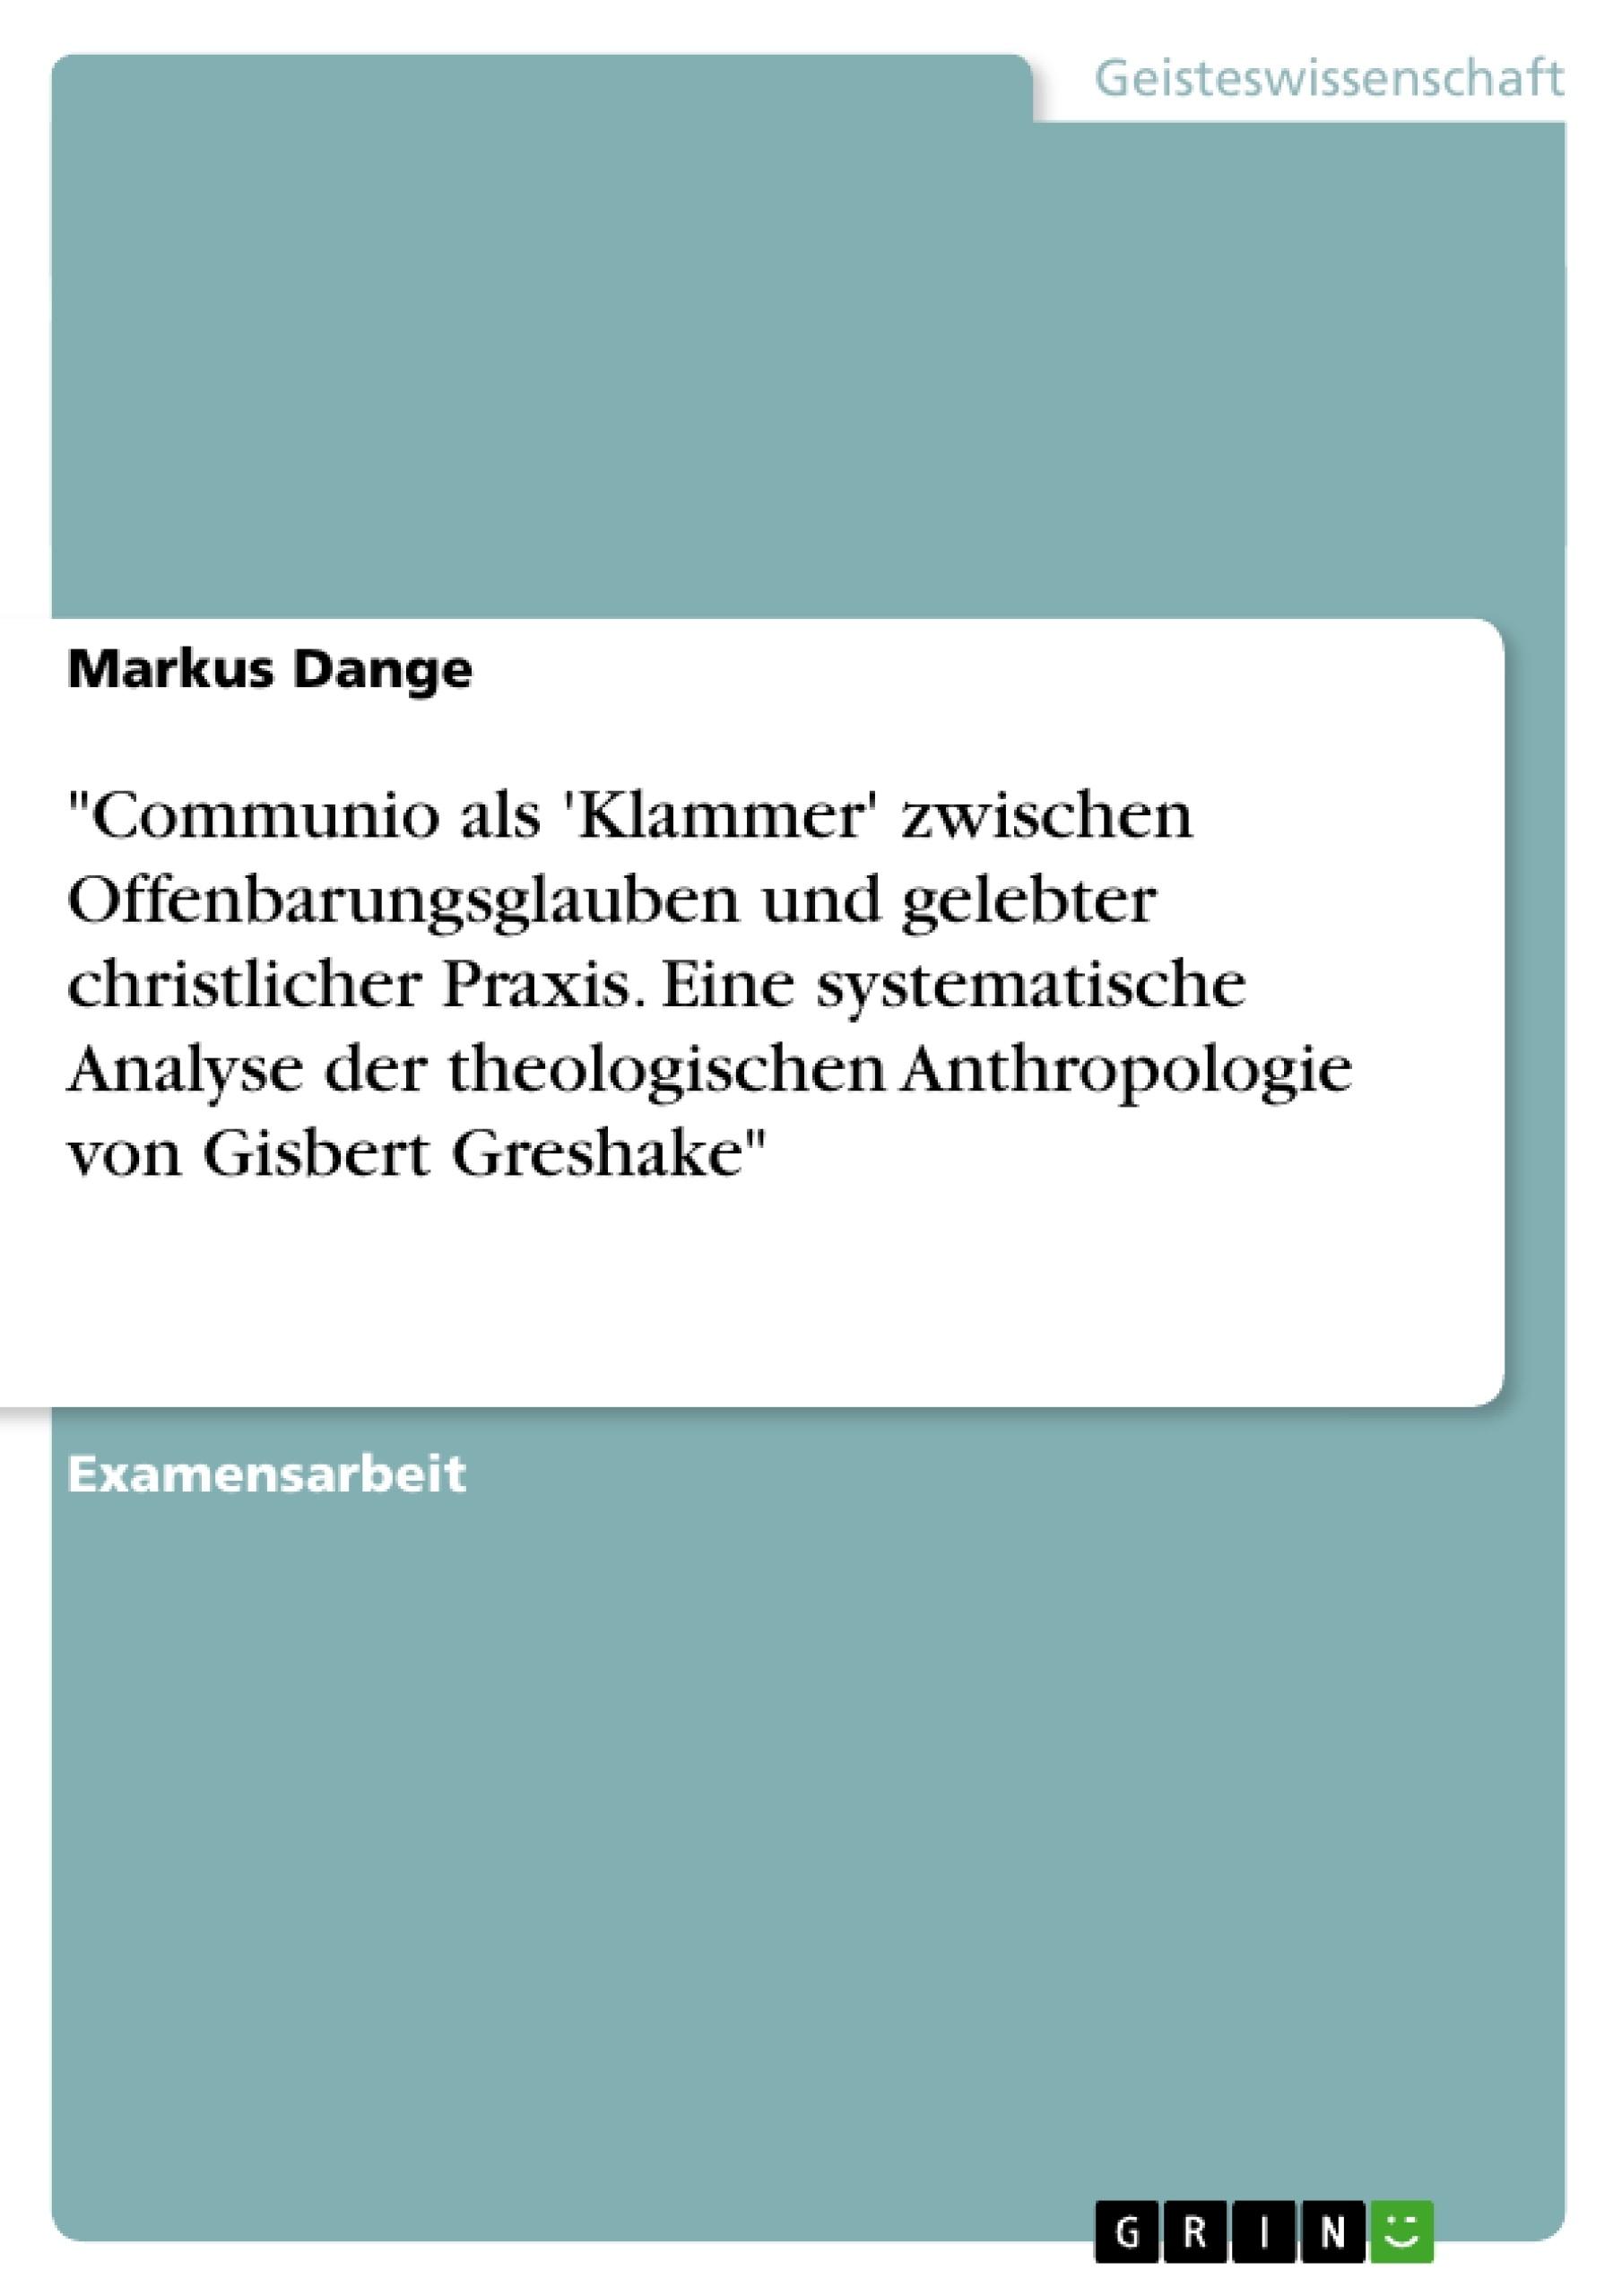 """Titel: """"Communio als 'Klammer' zwischen Offenbarungsglauben und gelebter christlicher Praxis. Eine systematische Analyse der theologischen  Anthropologie von Gisbert Greshake"""""""